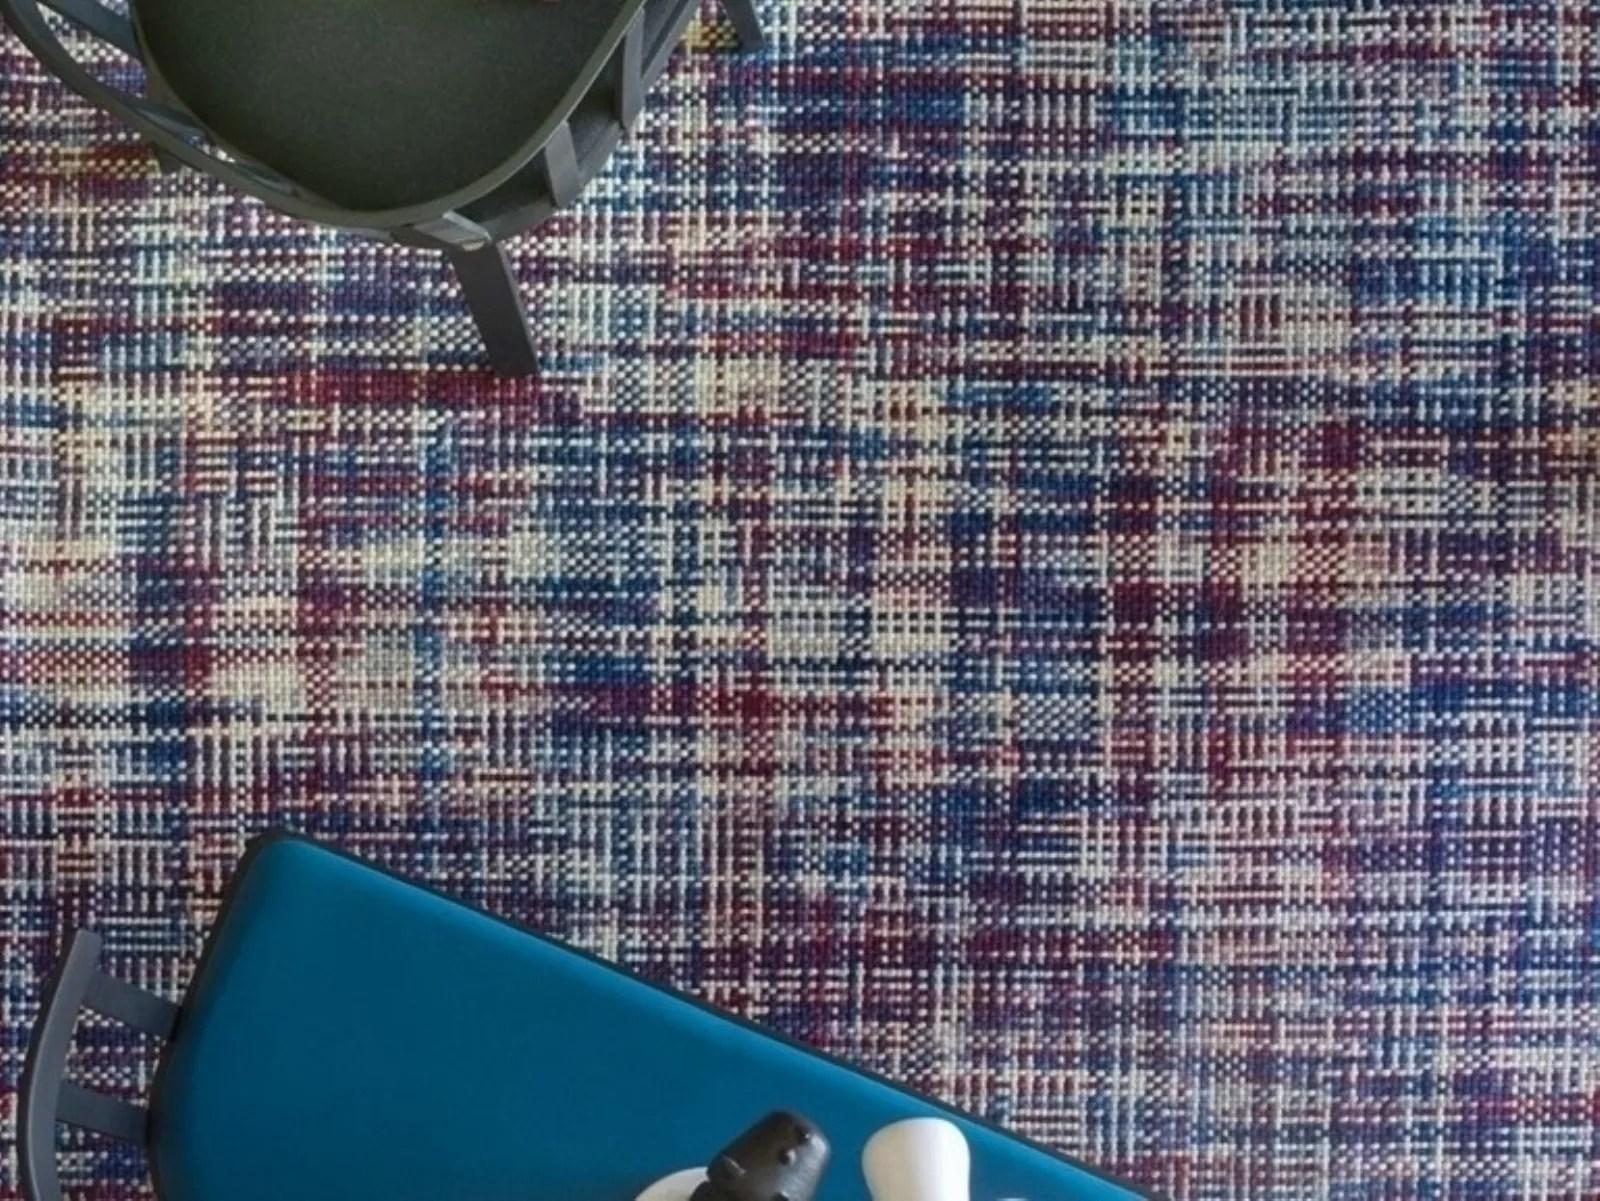 Tappeti Soggiorno Moderno : Moderno soggiorno tappeti e decorazioni giro u design per la casa